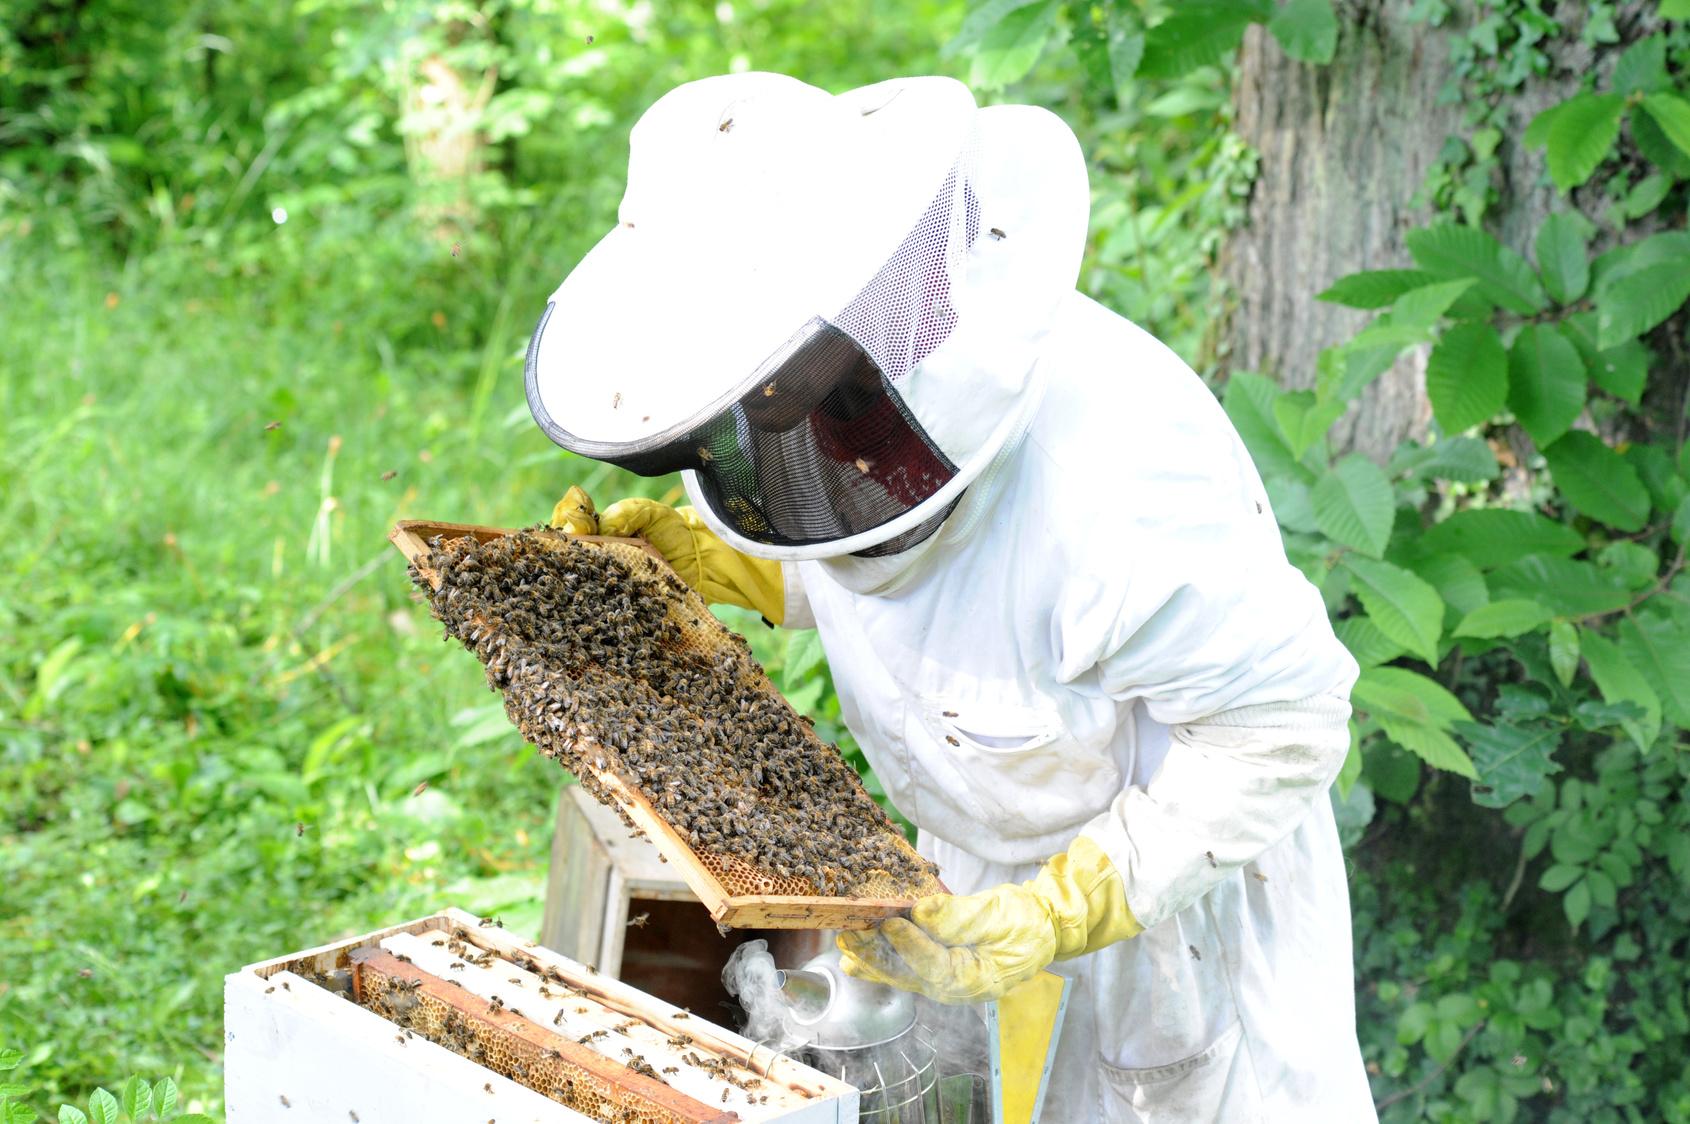 apiculteur quipement de s curit en pleine r colte de son miel le blog de mon magasin g n ral. Black Bedroom Furniture Sets. Home Design Ideas